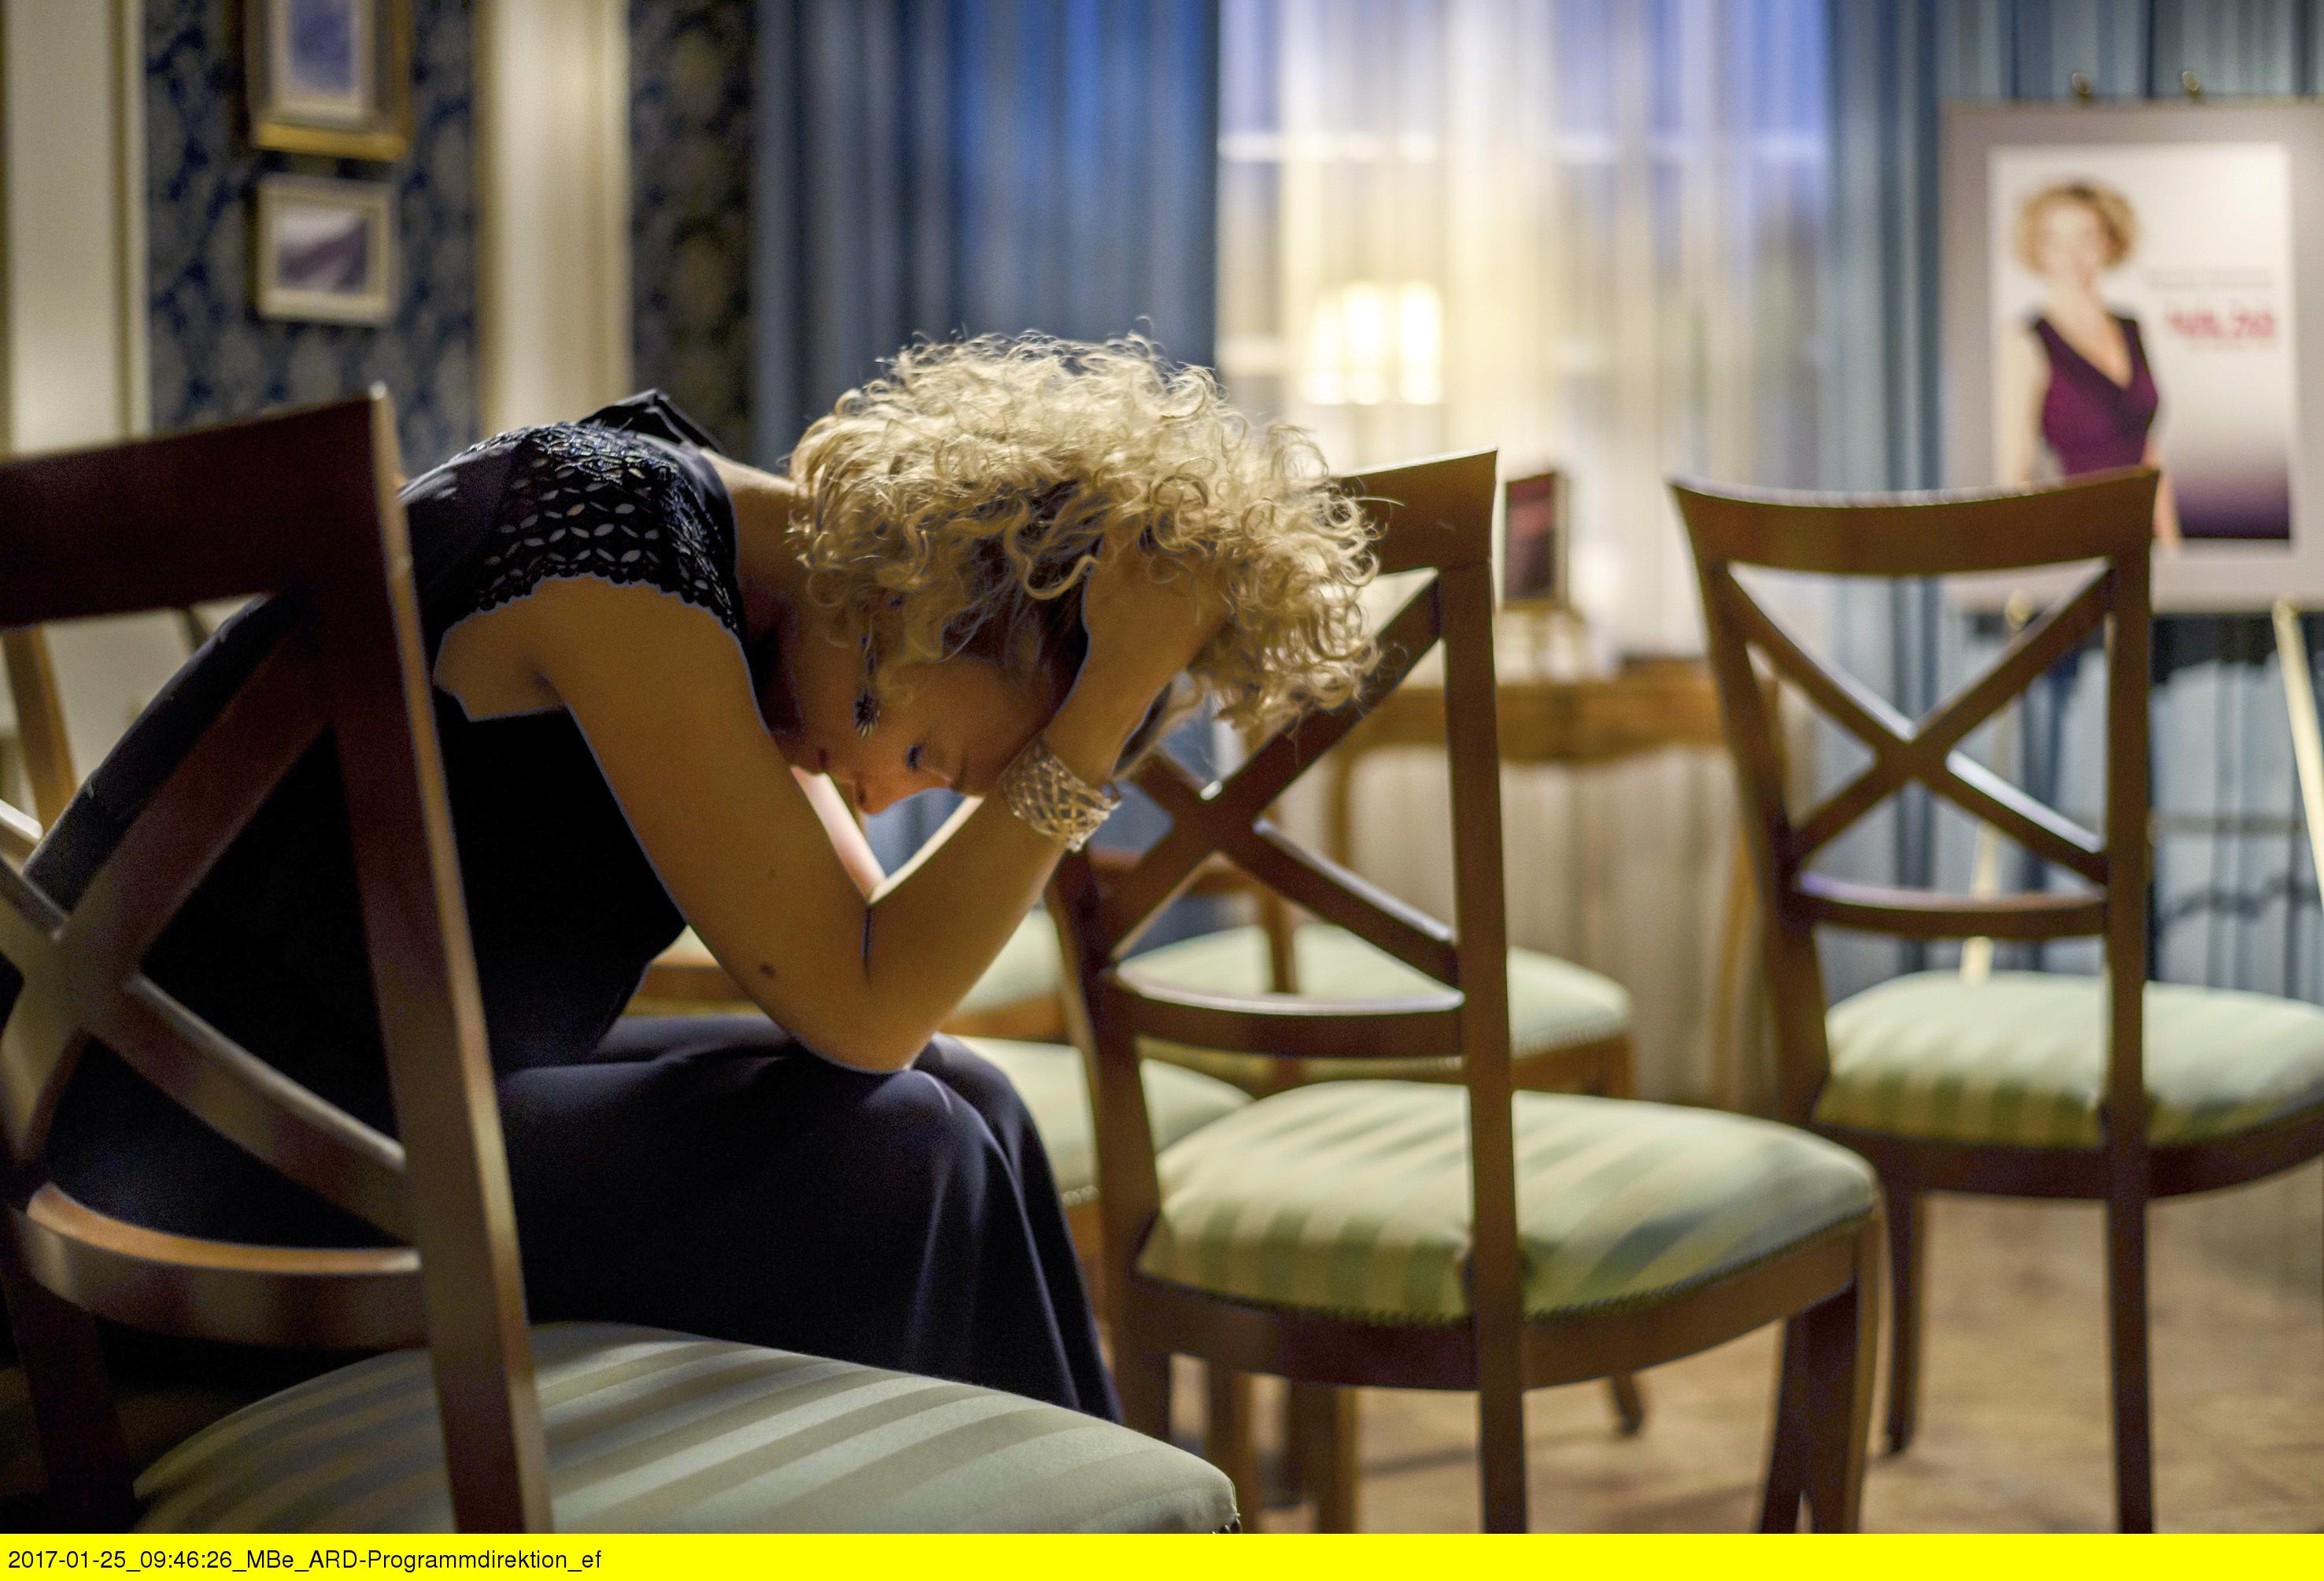 ARD STURM DER LIEBE FOLGE 2648, am Mittwoch (15.03.17) um 15:10 Uhr im ERSTEN. Natascha (Melanie Wiegmann) weint um ihre Ehe. (Quelle: ARD/Christof Arnold)